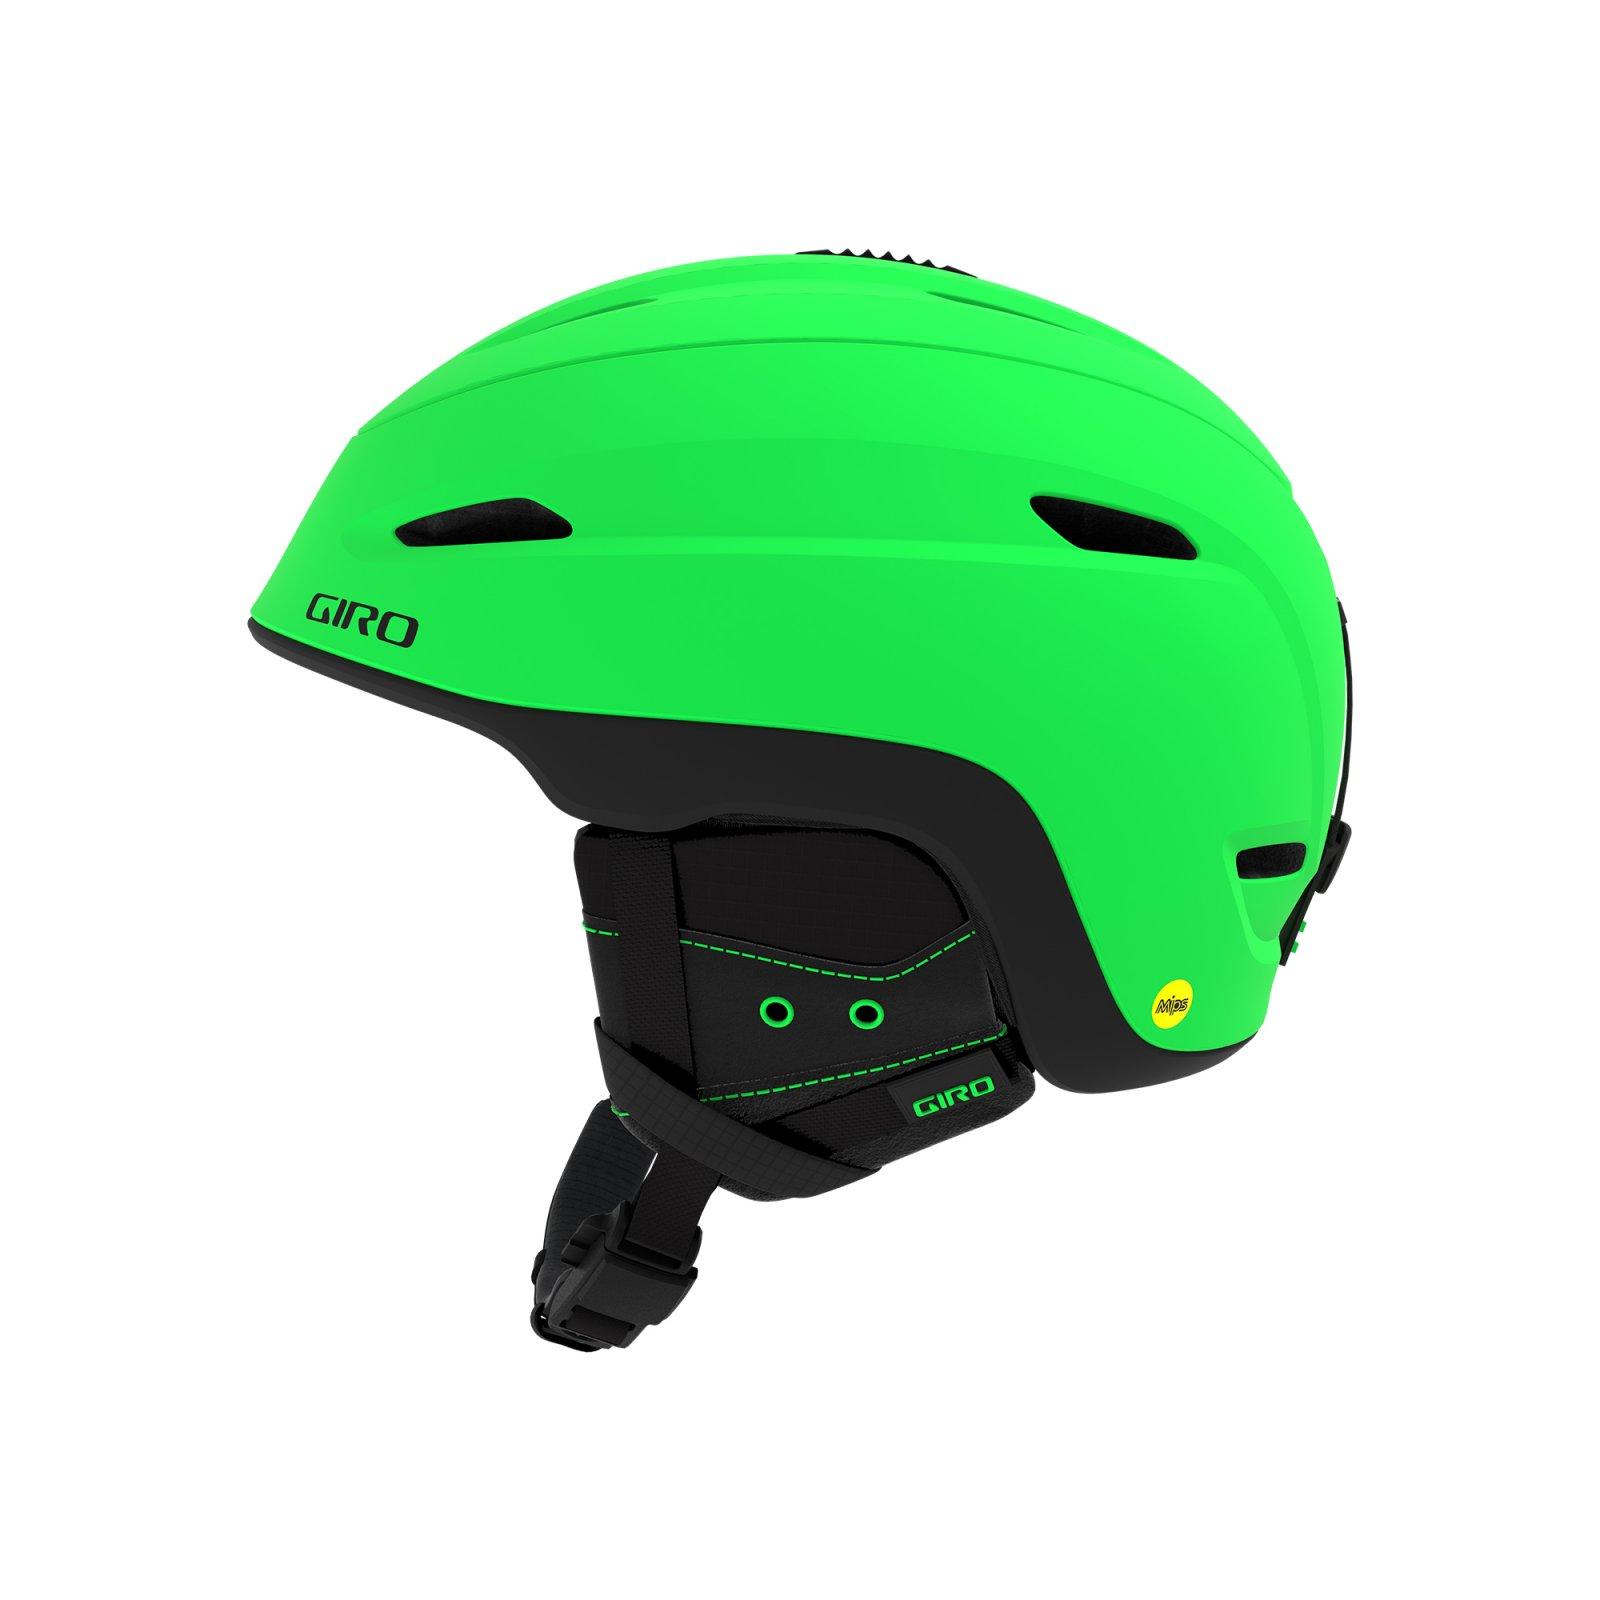 Giro Zone MIPS Helmet - Matte Bright Green